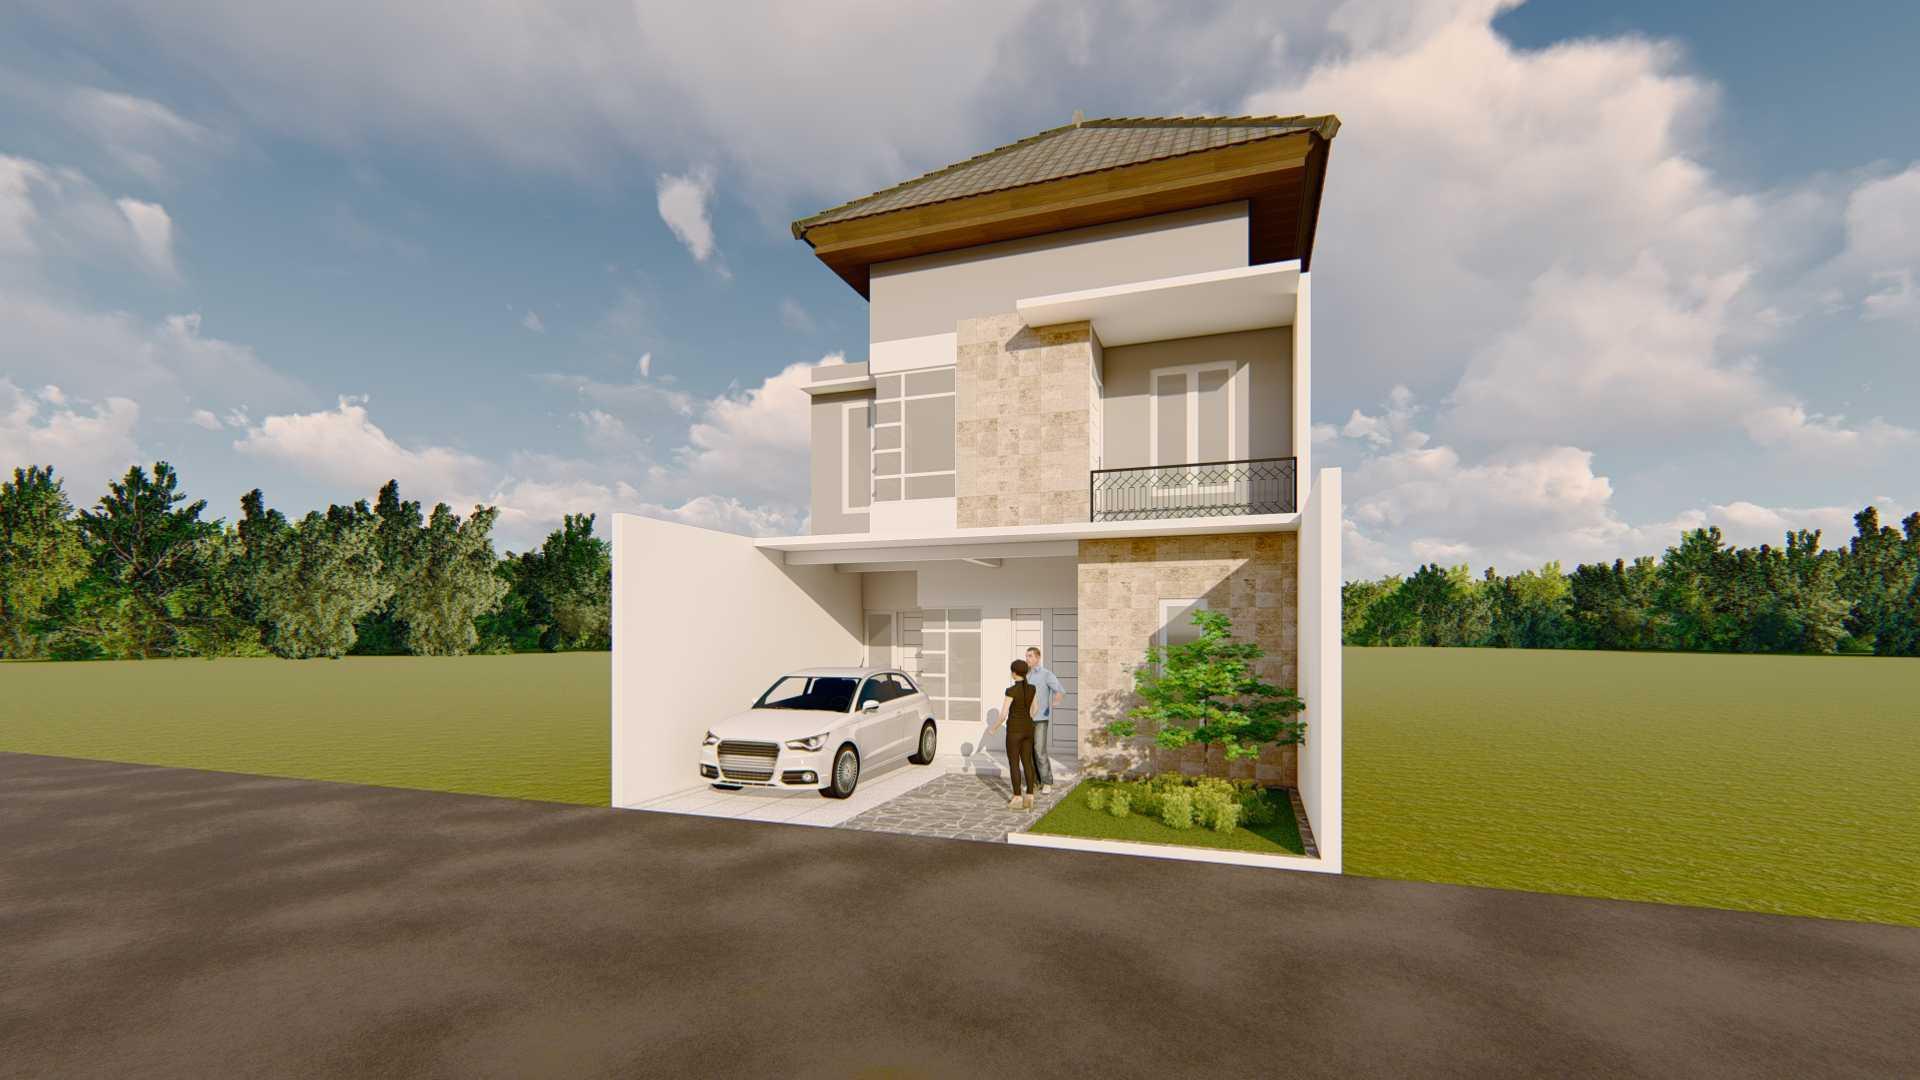 Astabumi Studio Sd House Tangerang Tangerang, Kota Tangerang, Banten, Indonesia Yogyakarta Cv-Astabumi-Manunggal-Prakarsa-Rumah-2-Lantai-Modern-Minimalis  119363